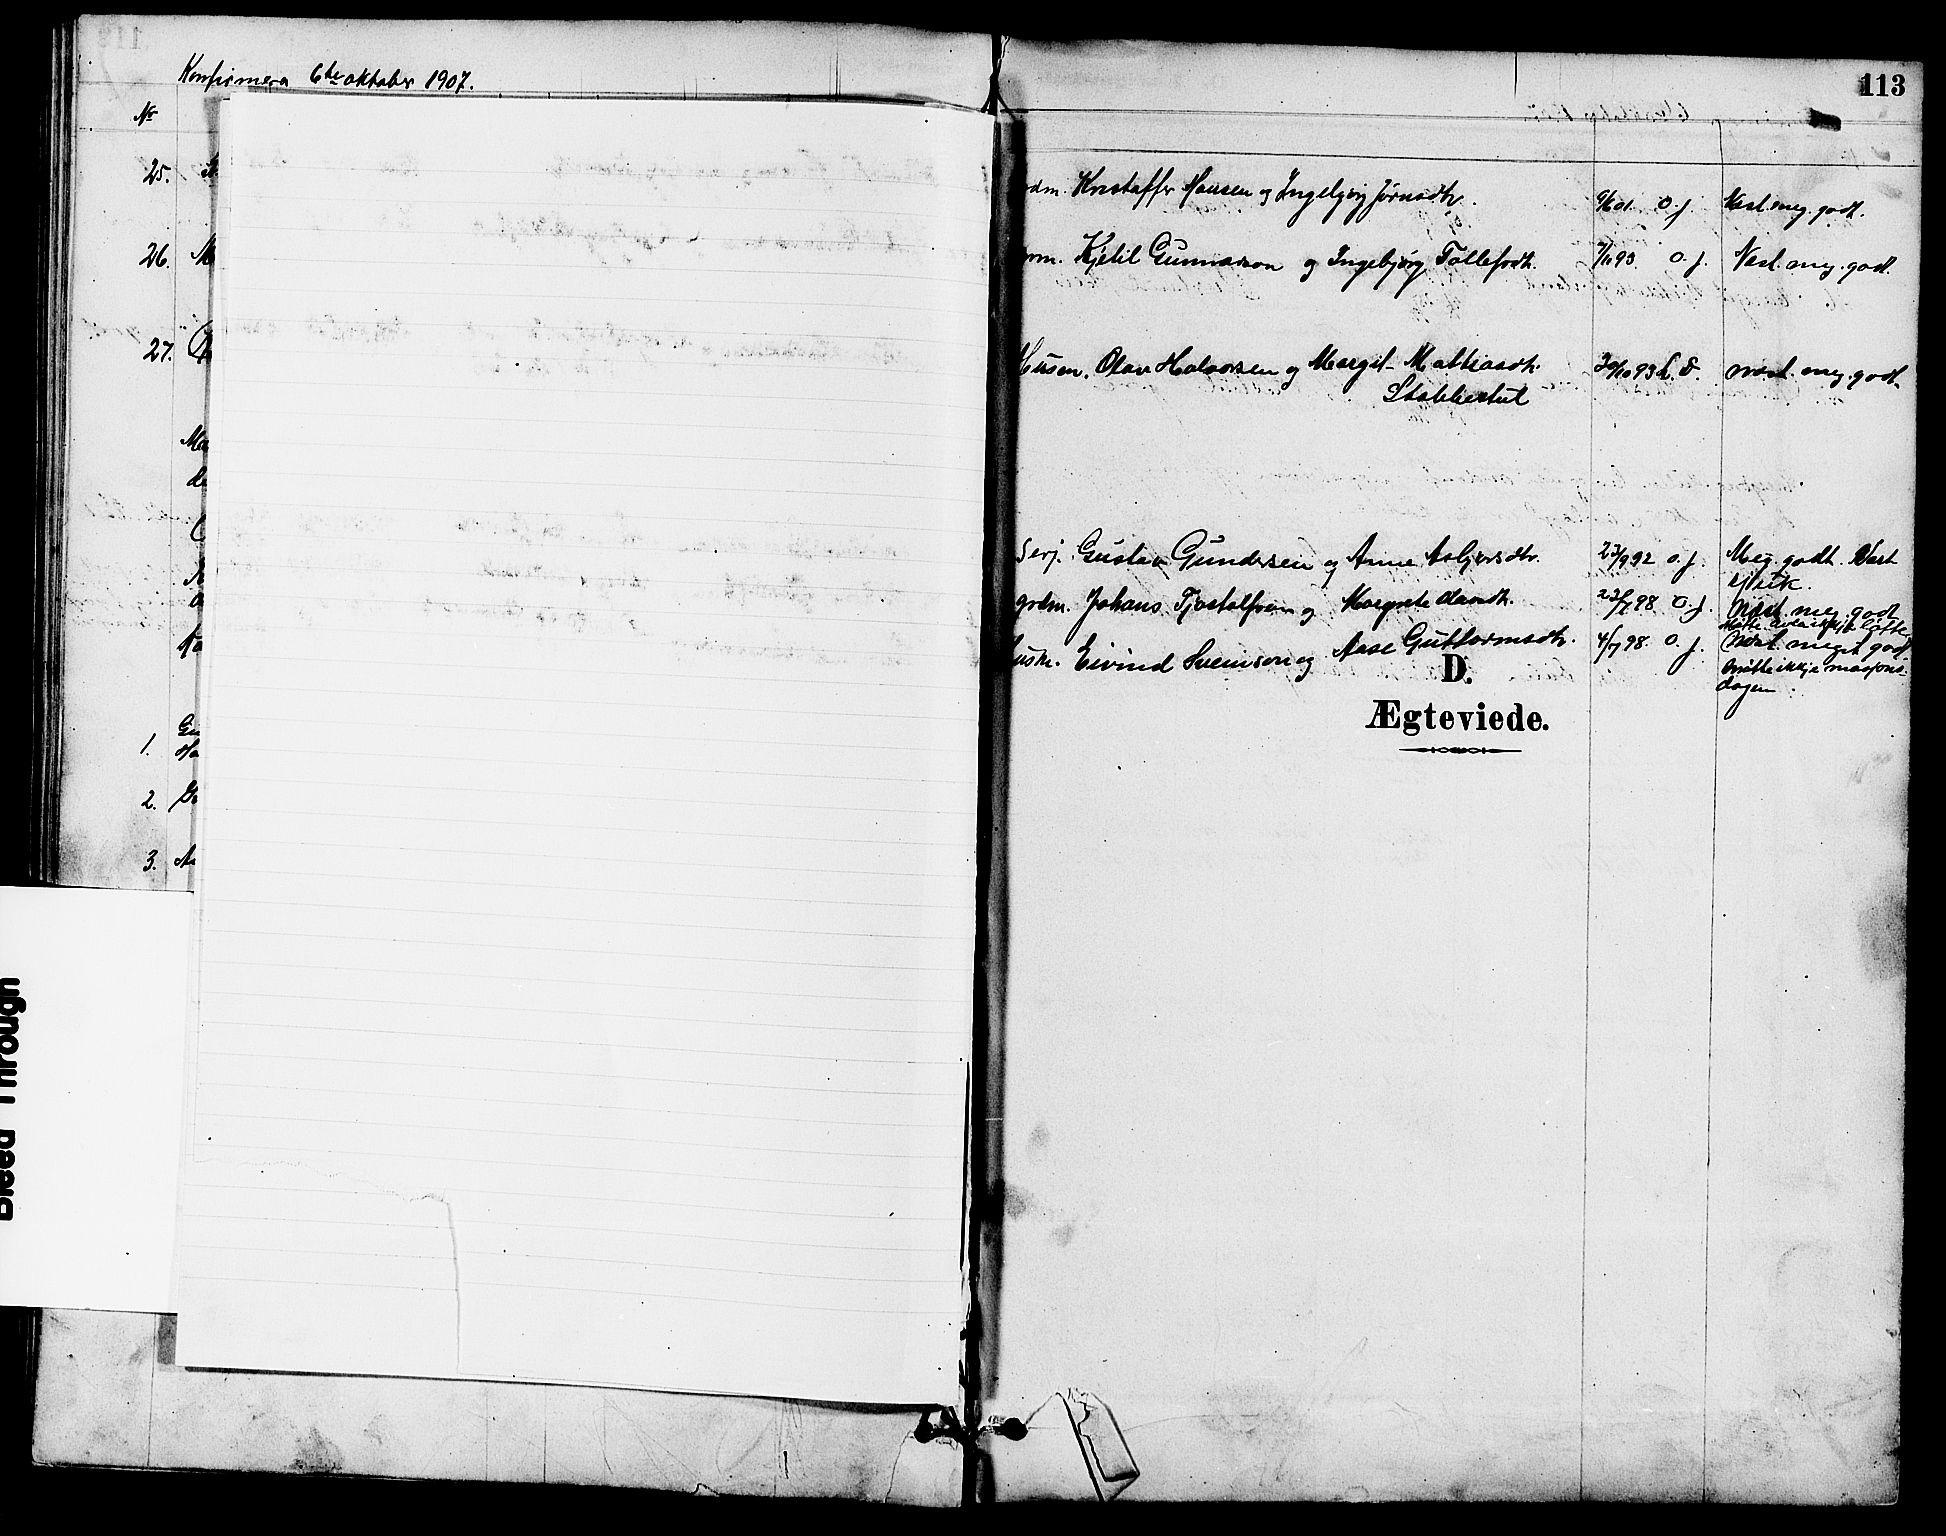 SAKO, Seljord kirkebøker, G/Ga/L0005: Klokkerbok nr. I 5, 1887-1914, s. 113